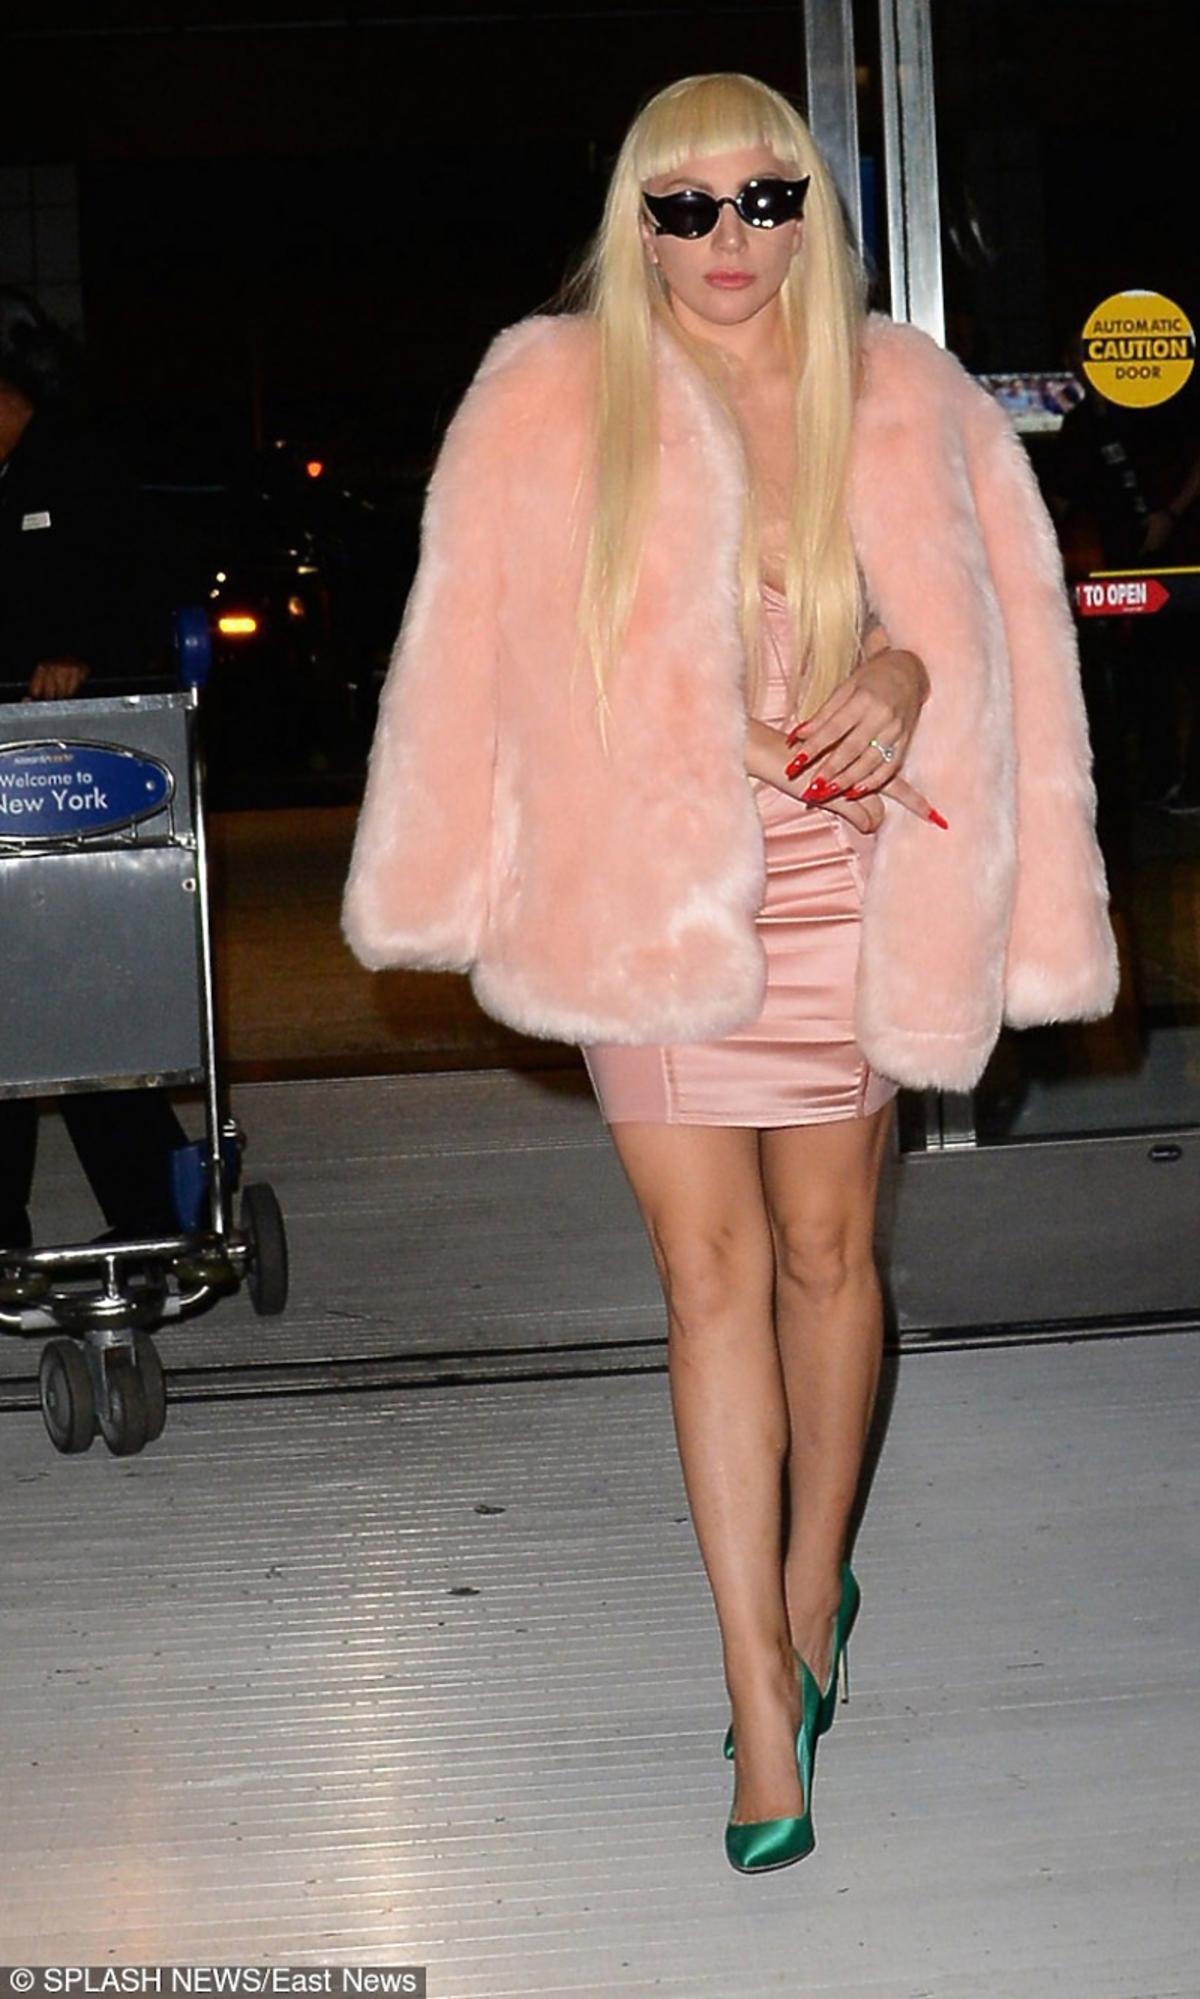 Lady Gaga w jasno różowej sukience, futerku, zielonych szpilkach, czarnych okularach